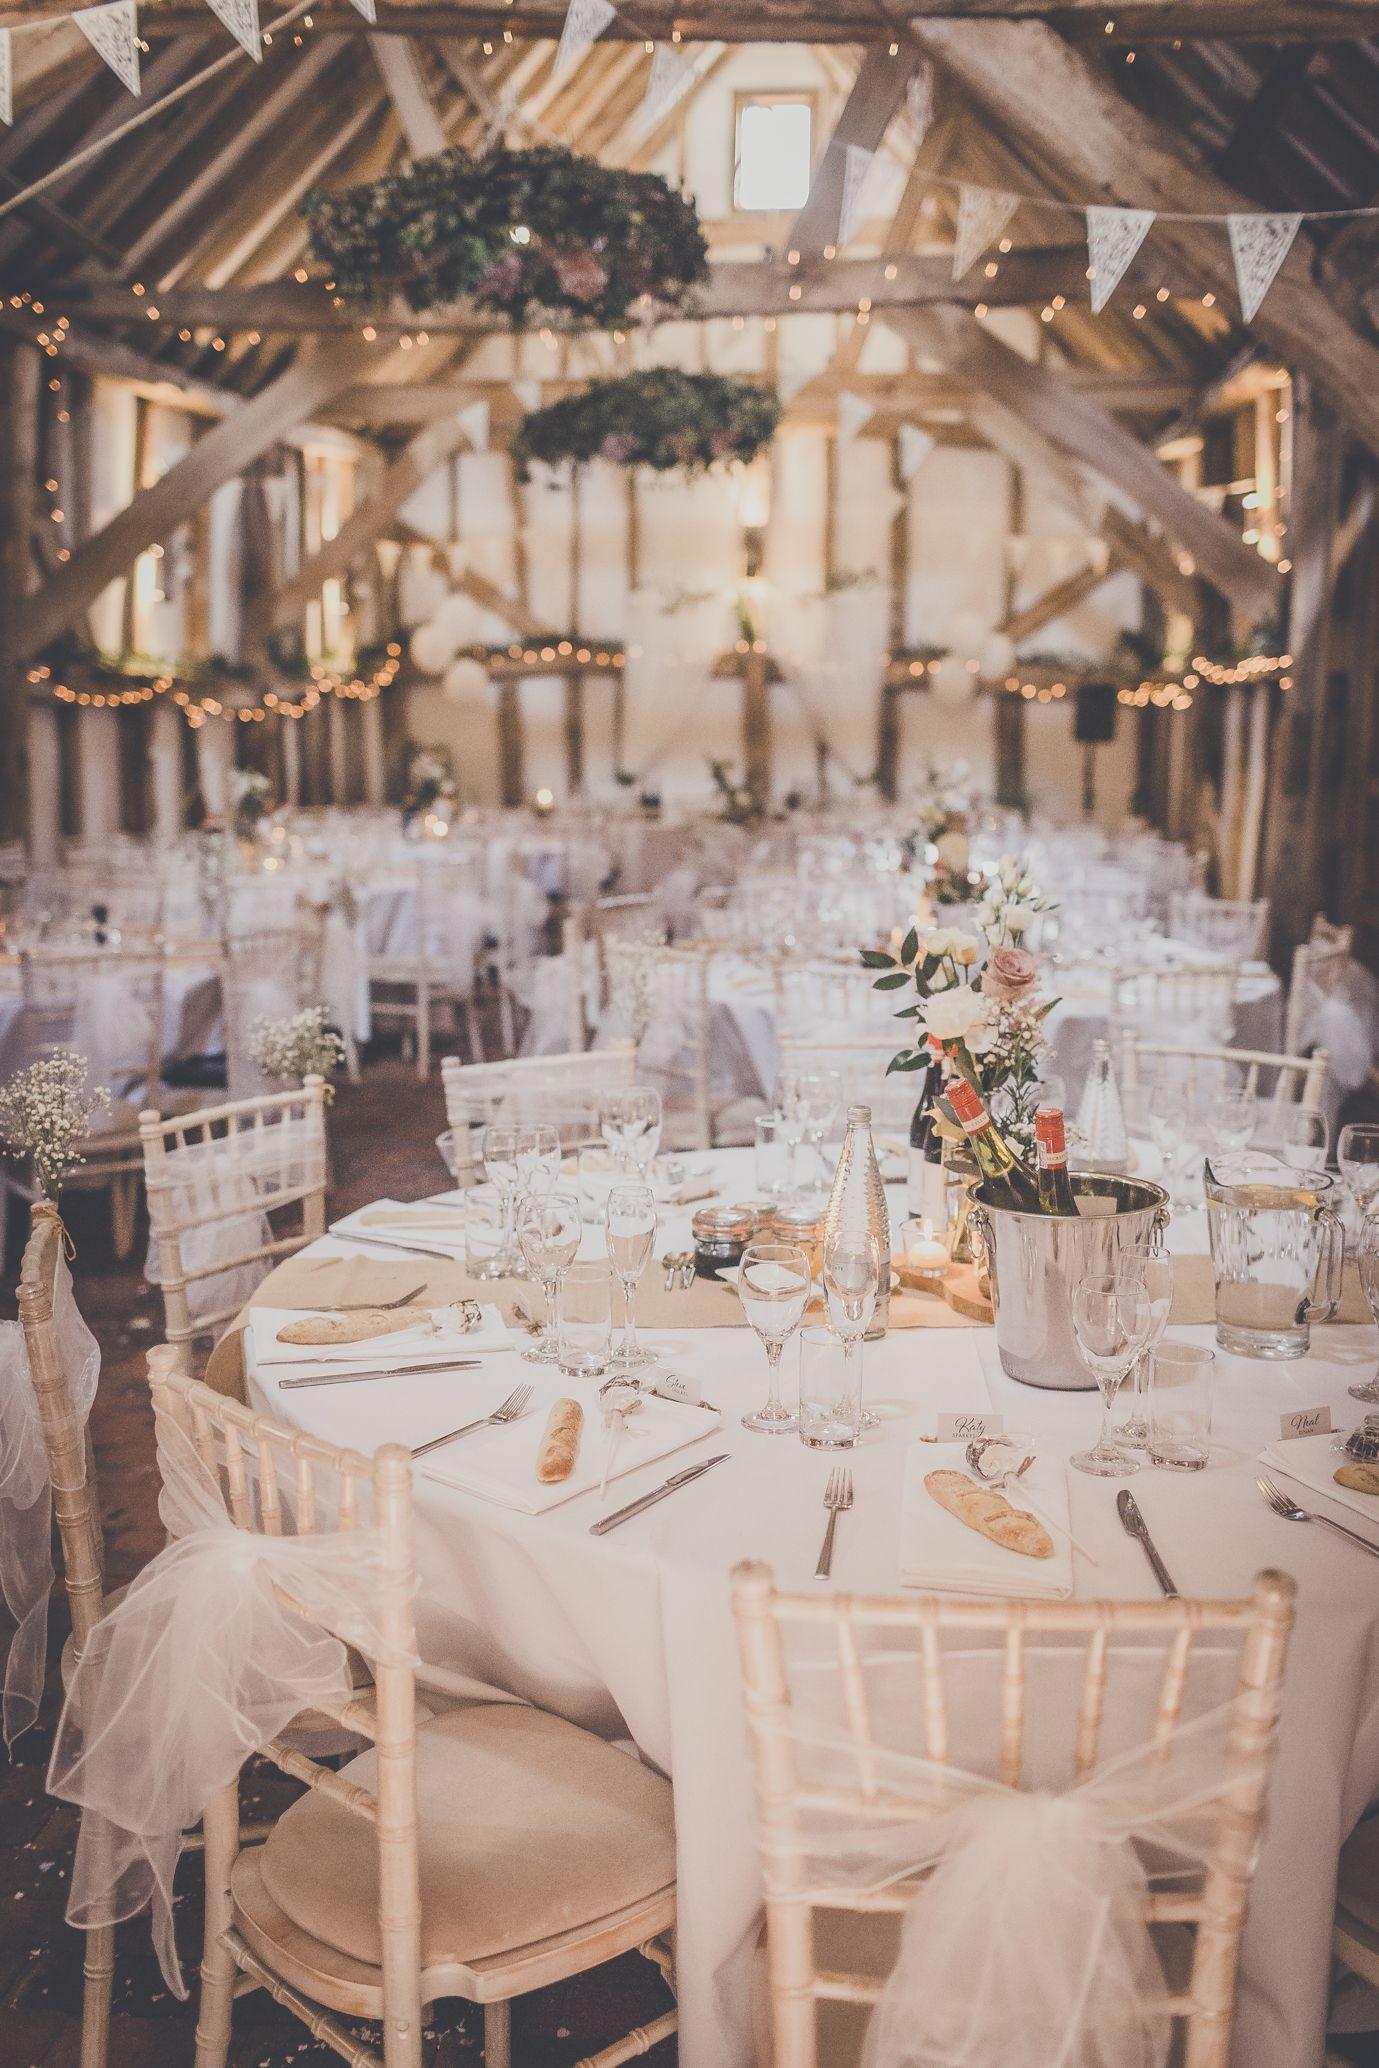 Wedding venue decoration ideas  countrywedding brideandgroom mrandmrs ido wedding